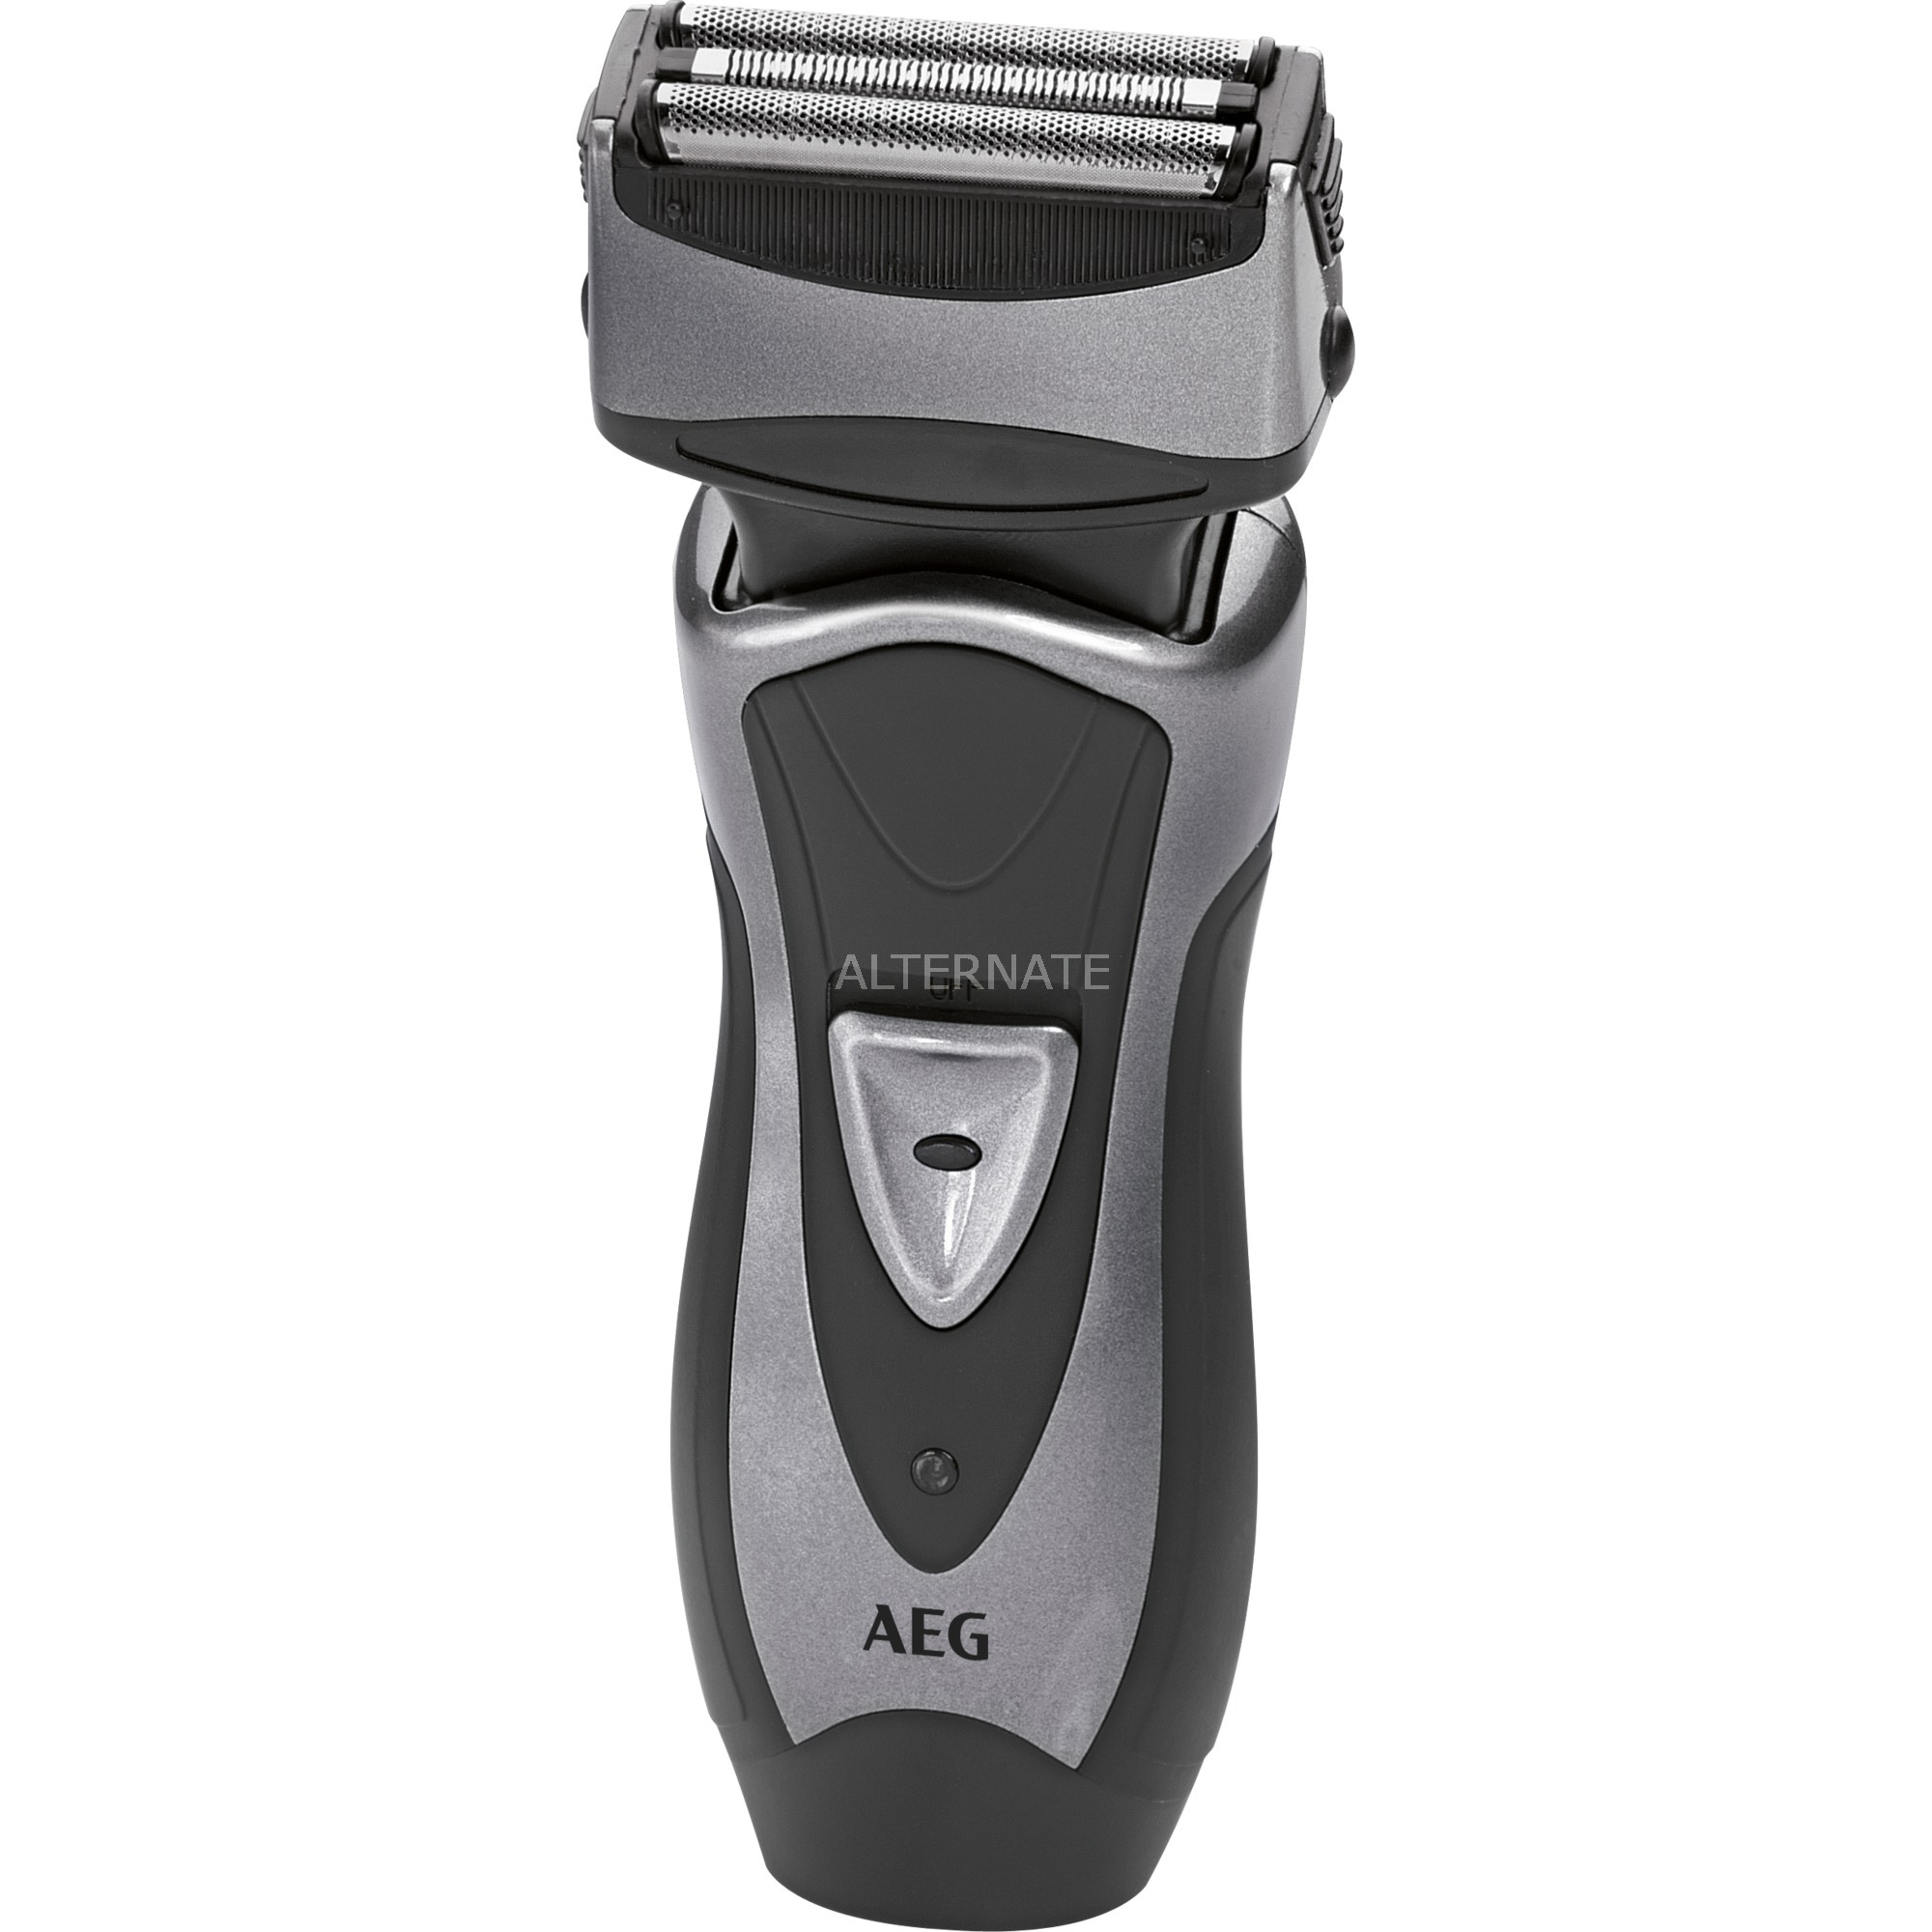 HR 5626 Antracita, Máquina de afeitar